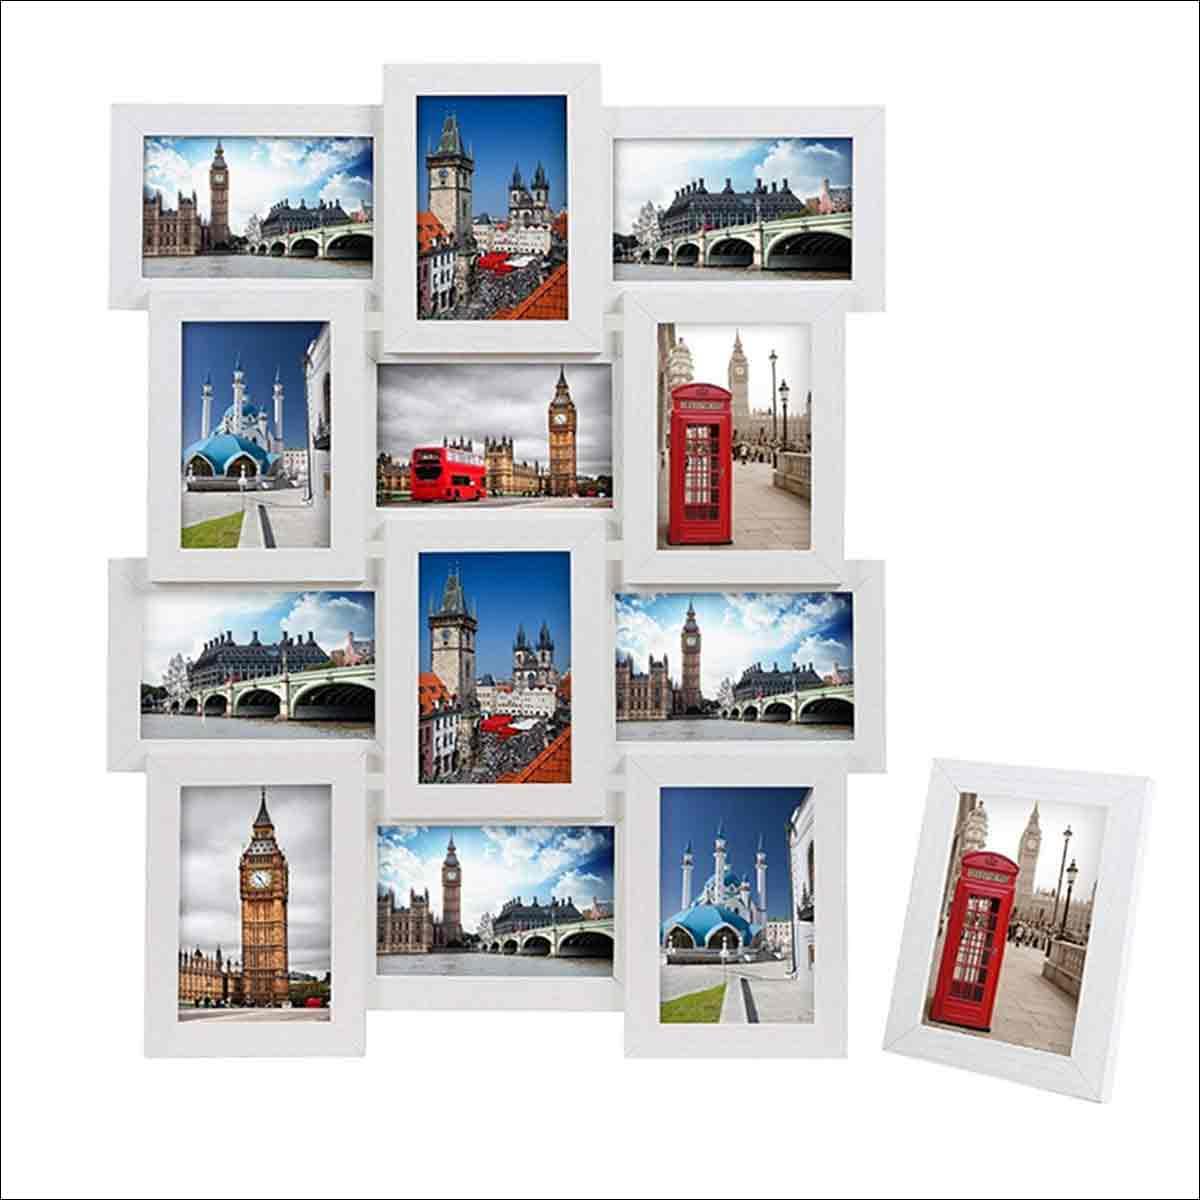 marcos de fotos multiples para doce fotos